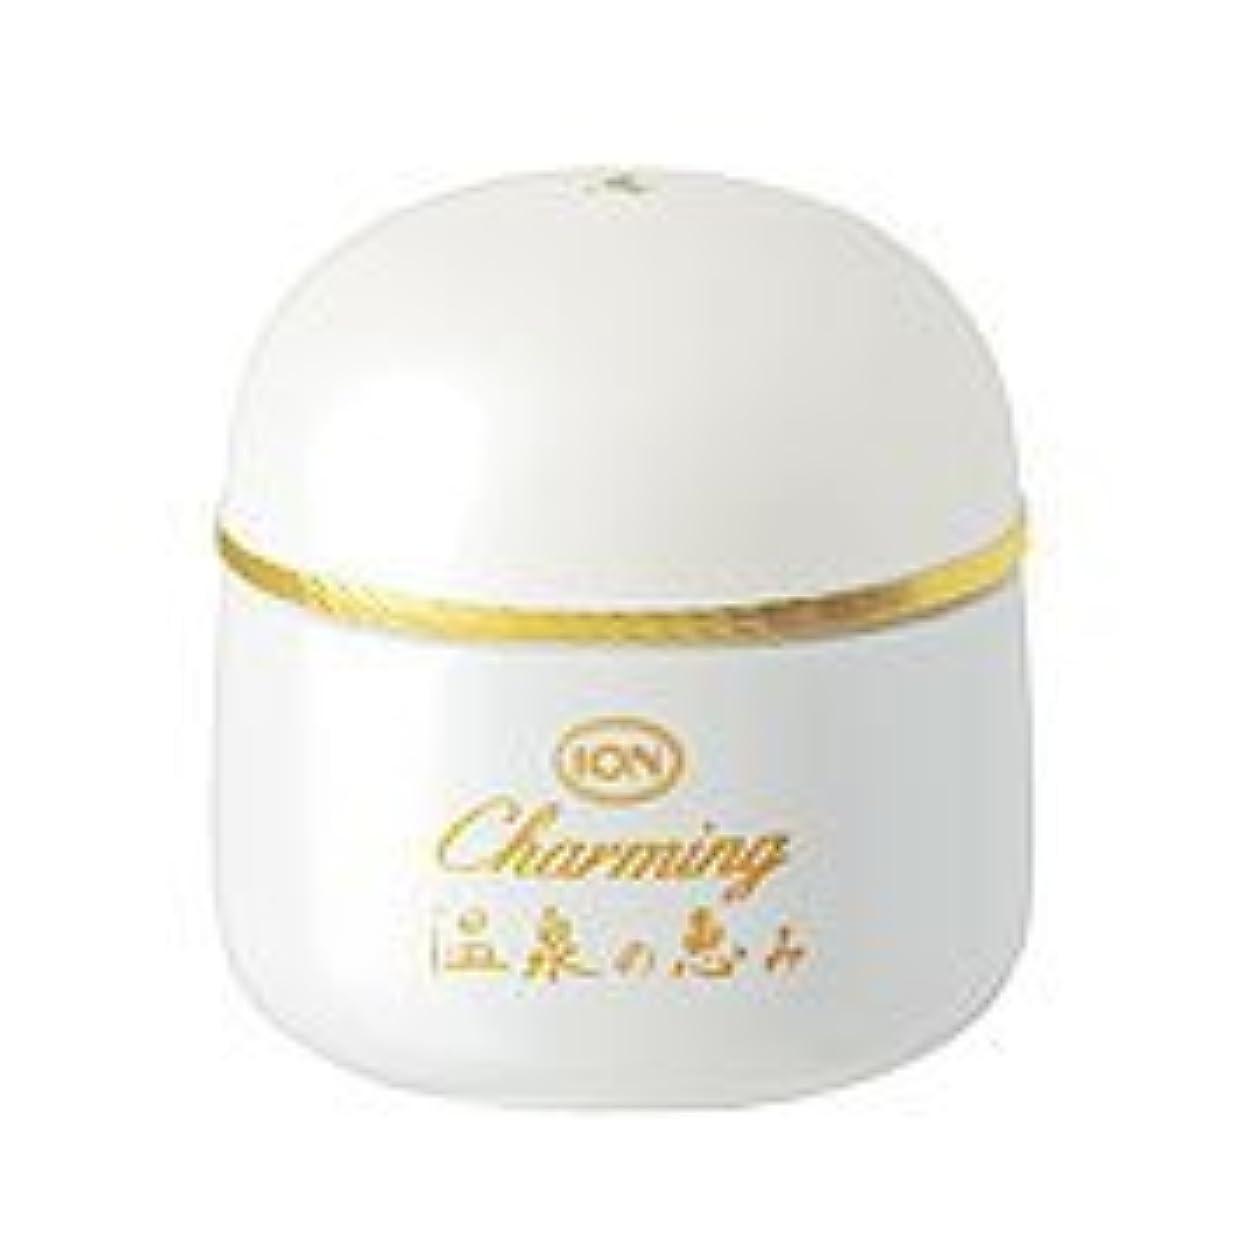 湿気の多いスキャンダラス防衛イオン化粧品 チャーミングステージ 40g